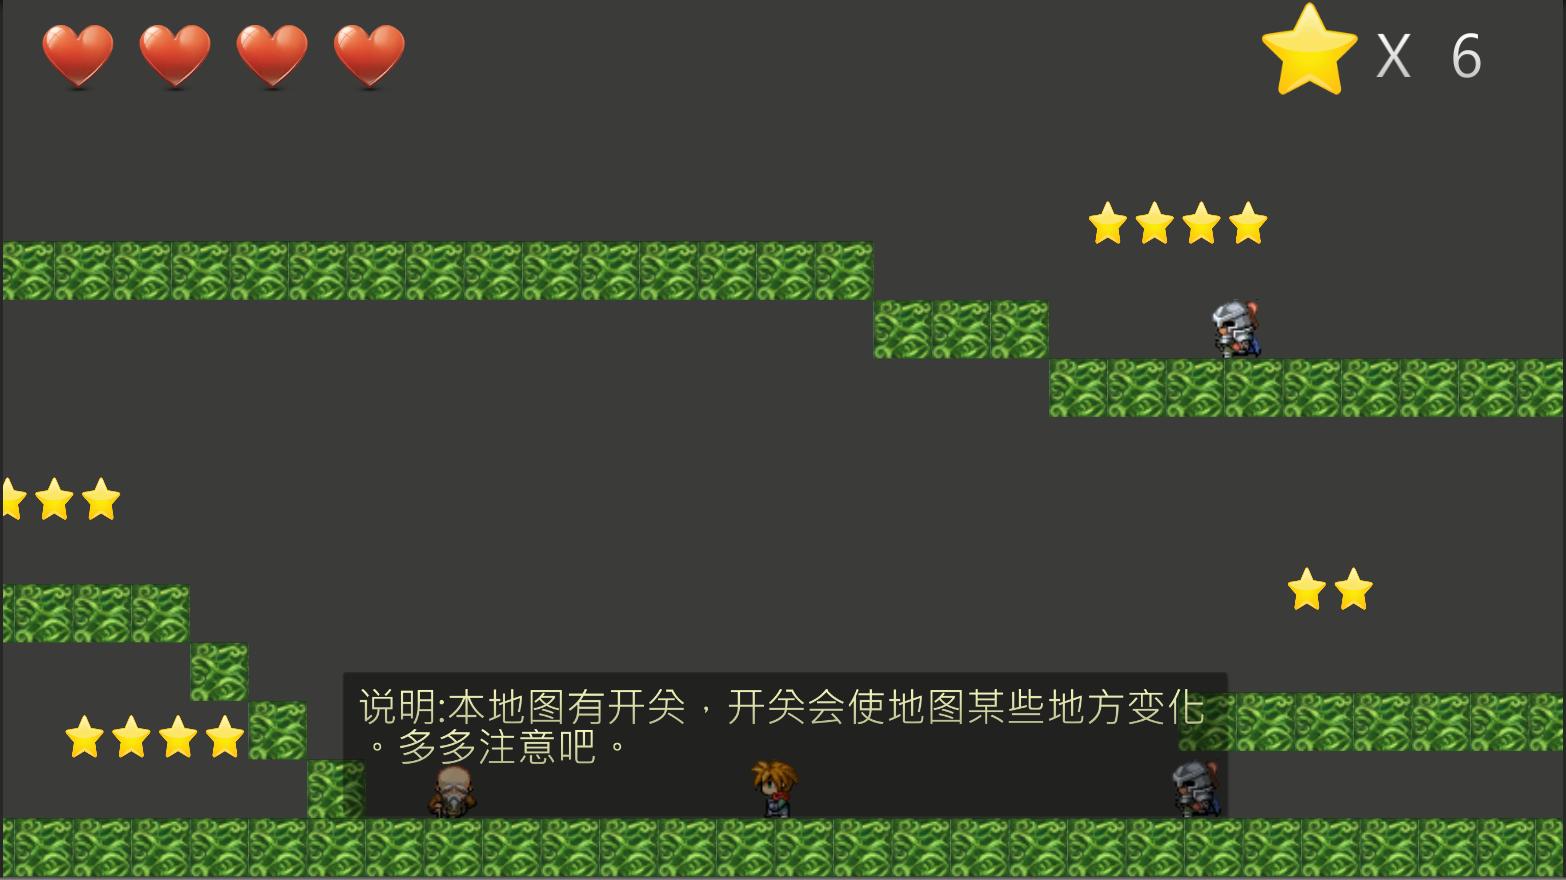 《Unity3D开发的2D游戏---《遗忘的世界》》